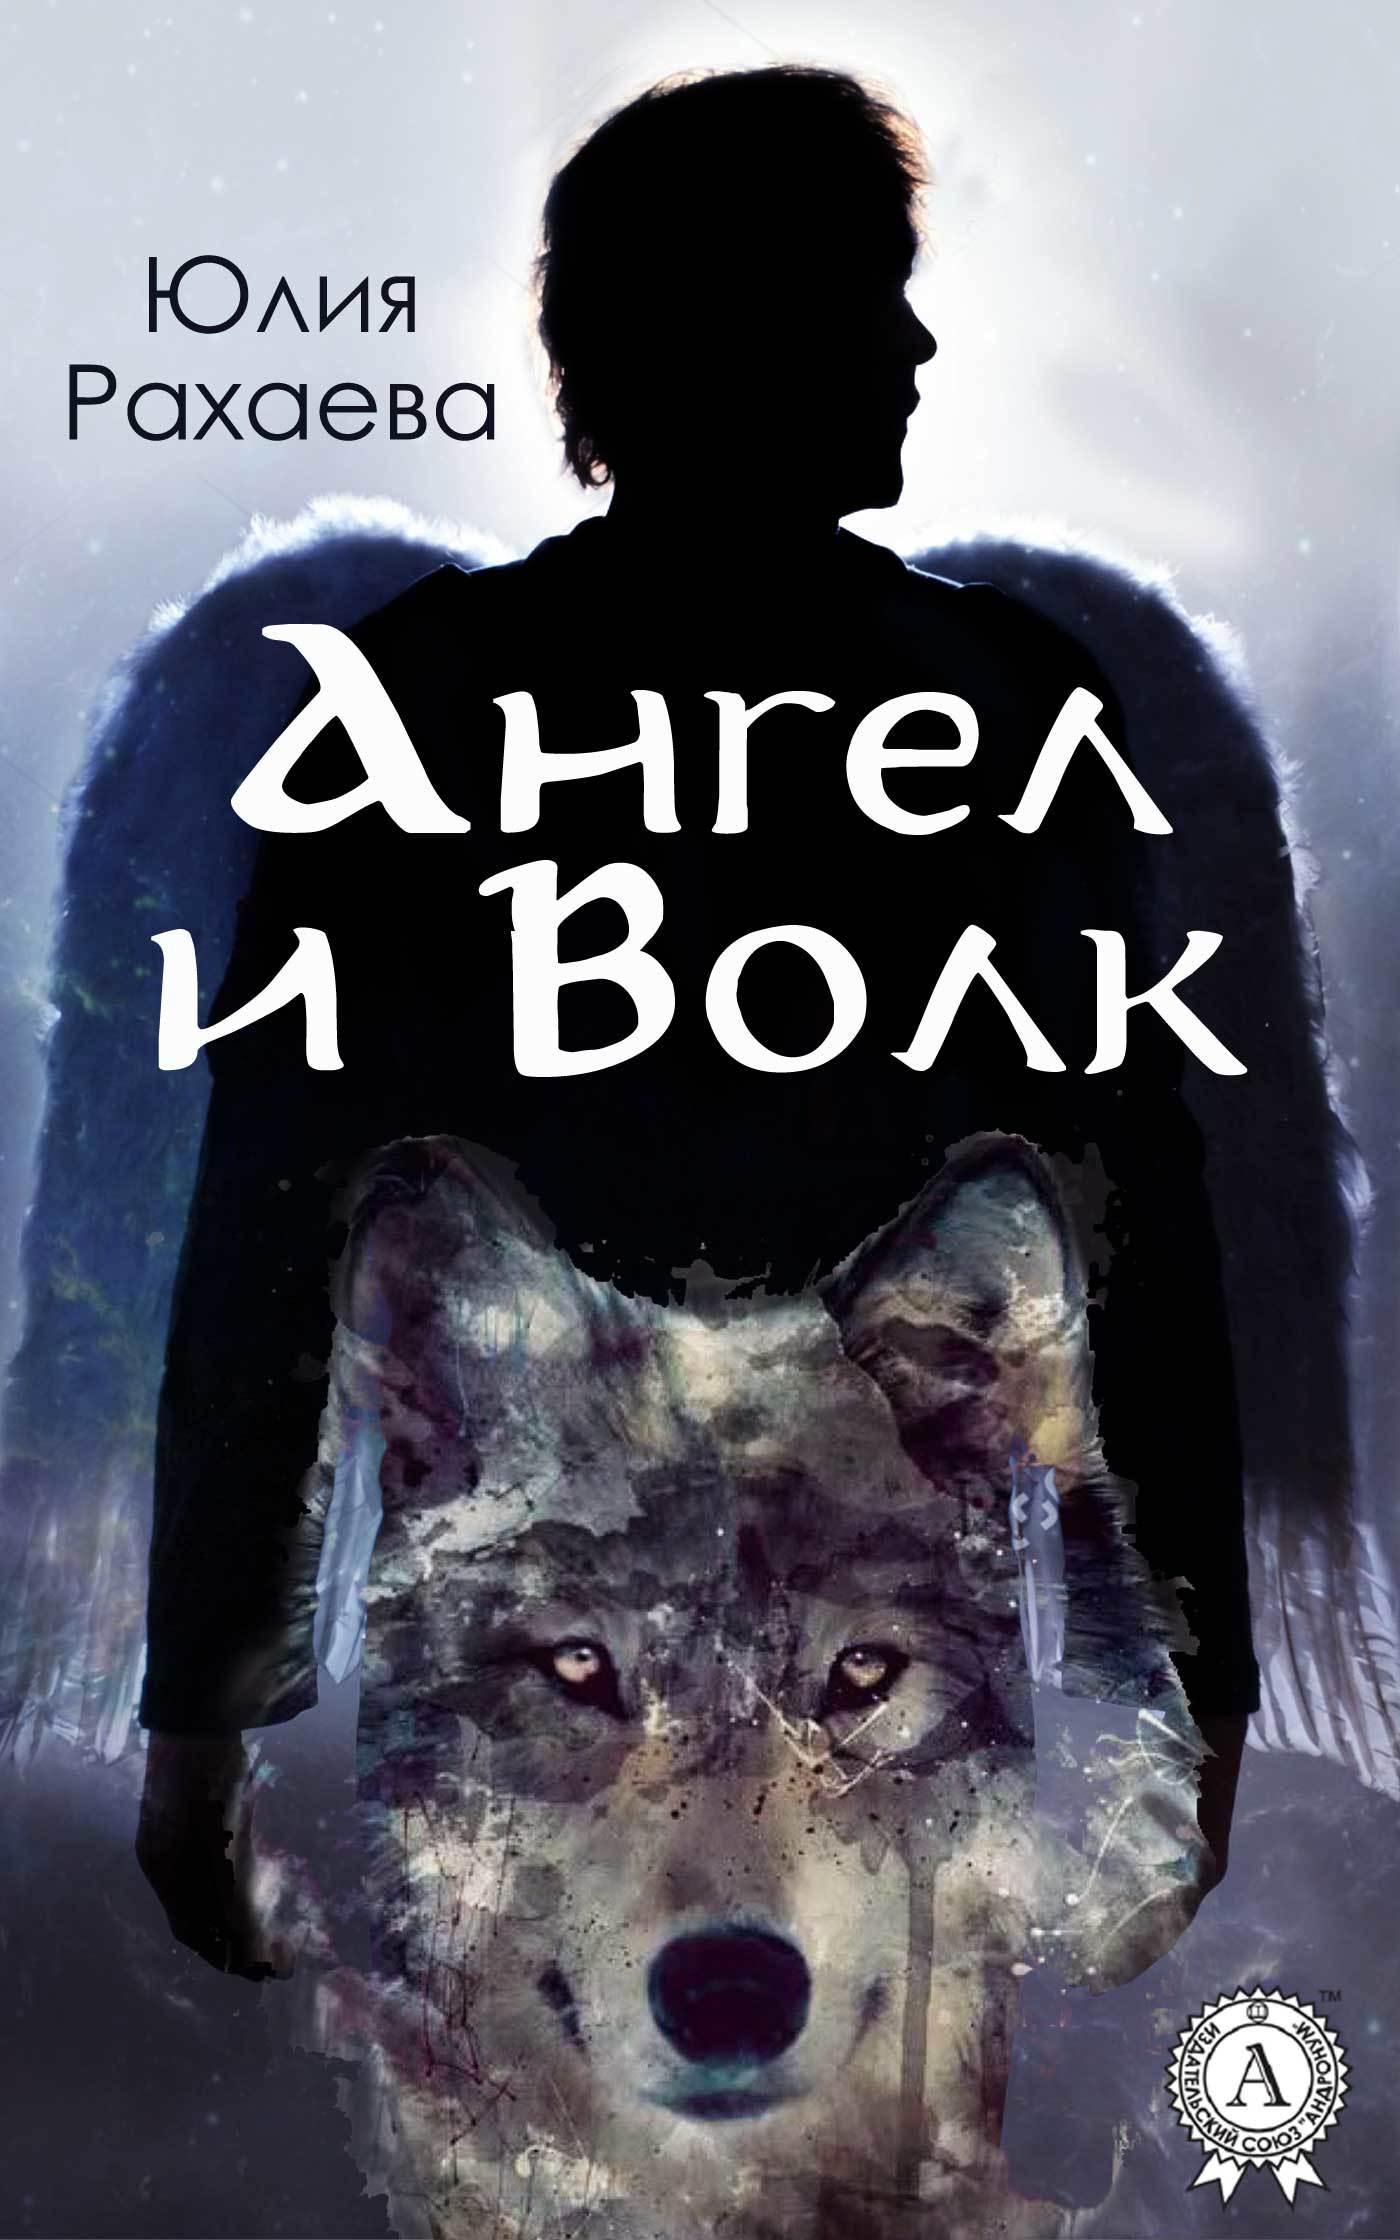 занимательное описание в книге Юлия Рахаева